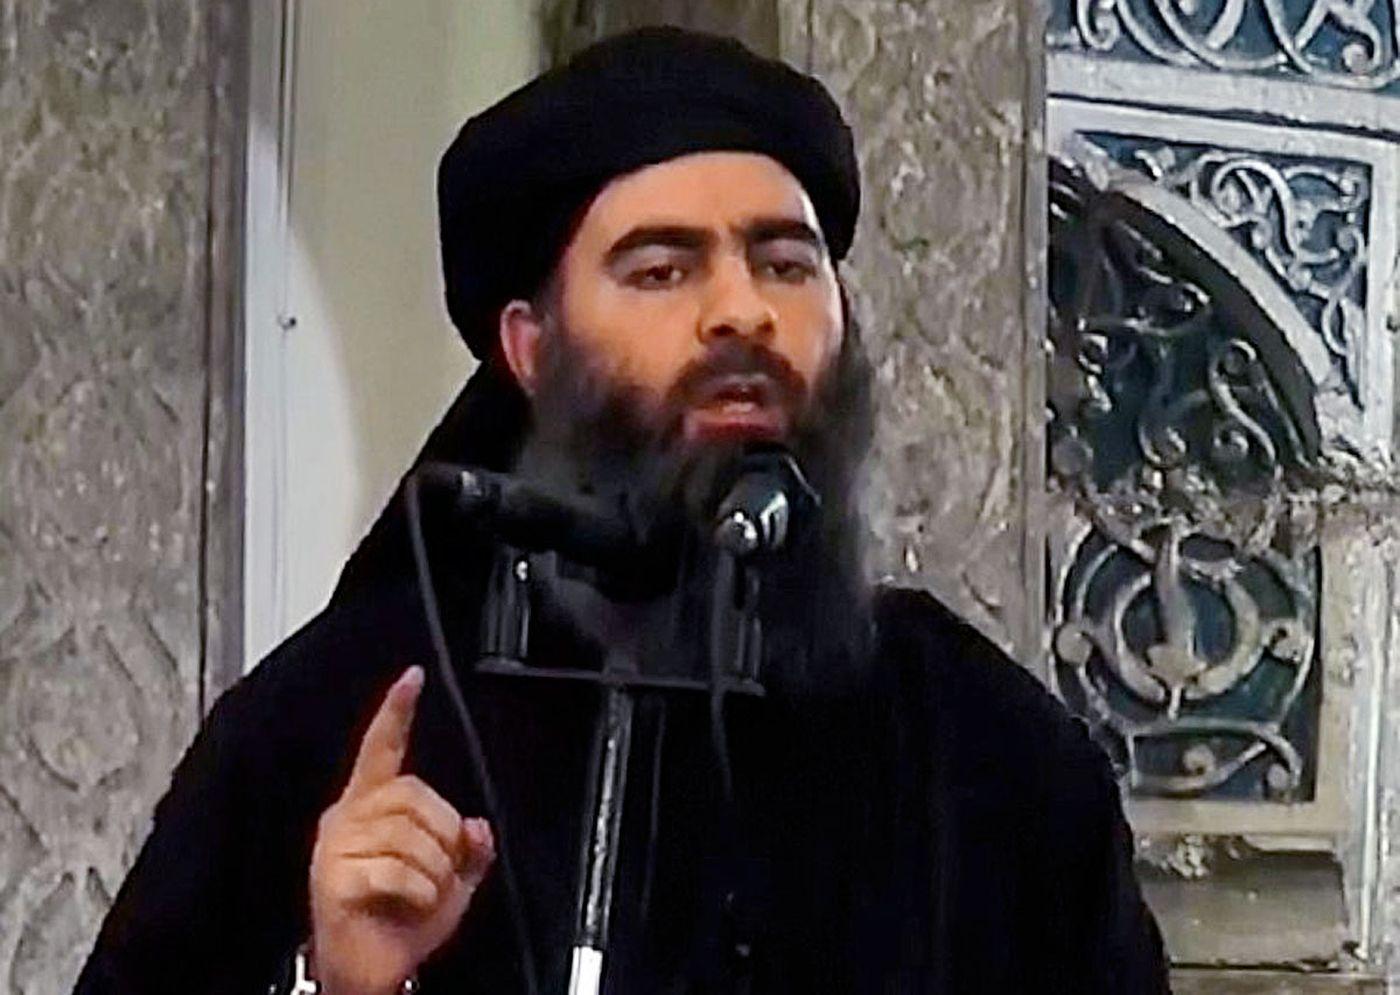 آمریکا مدعی کشتهشدن ابوبکر بغدادی شد